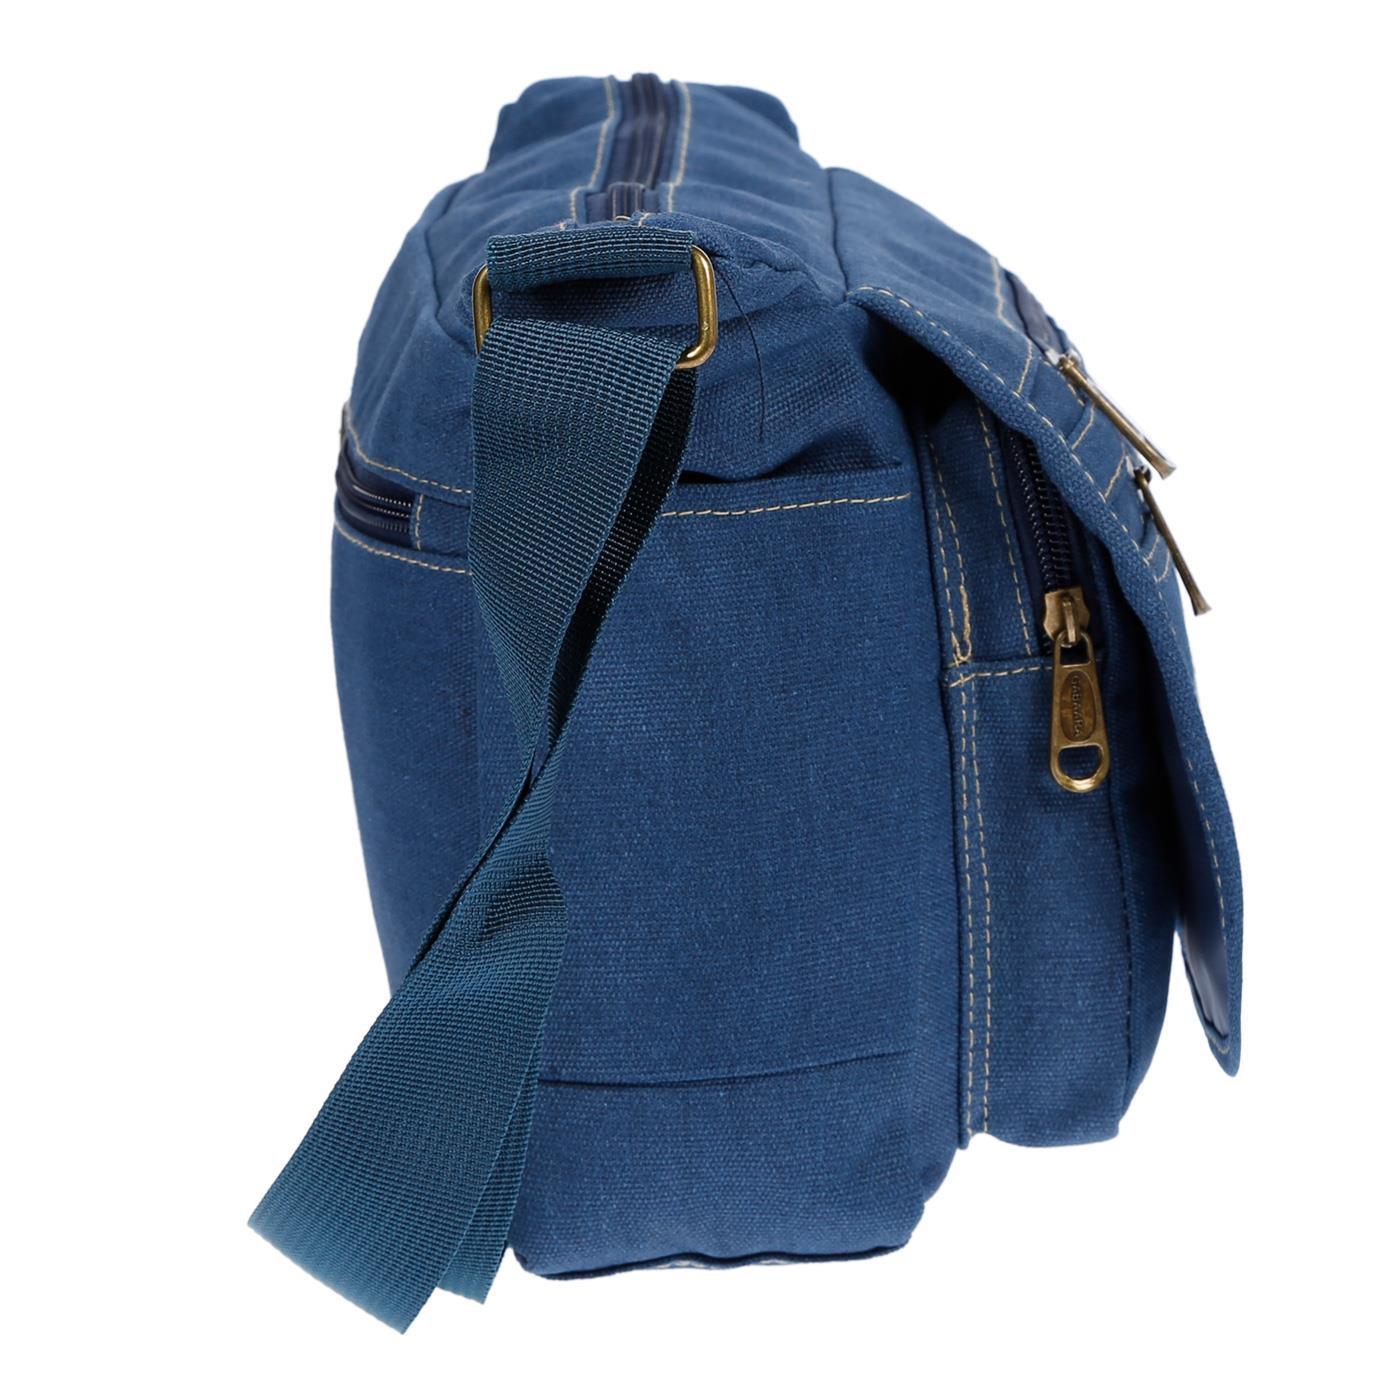 Damen-Tasche-Canvas-Umhaengetasche-Schultertasche-Crossover-Bag-Damenhandtasche Indexbild 21